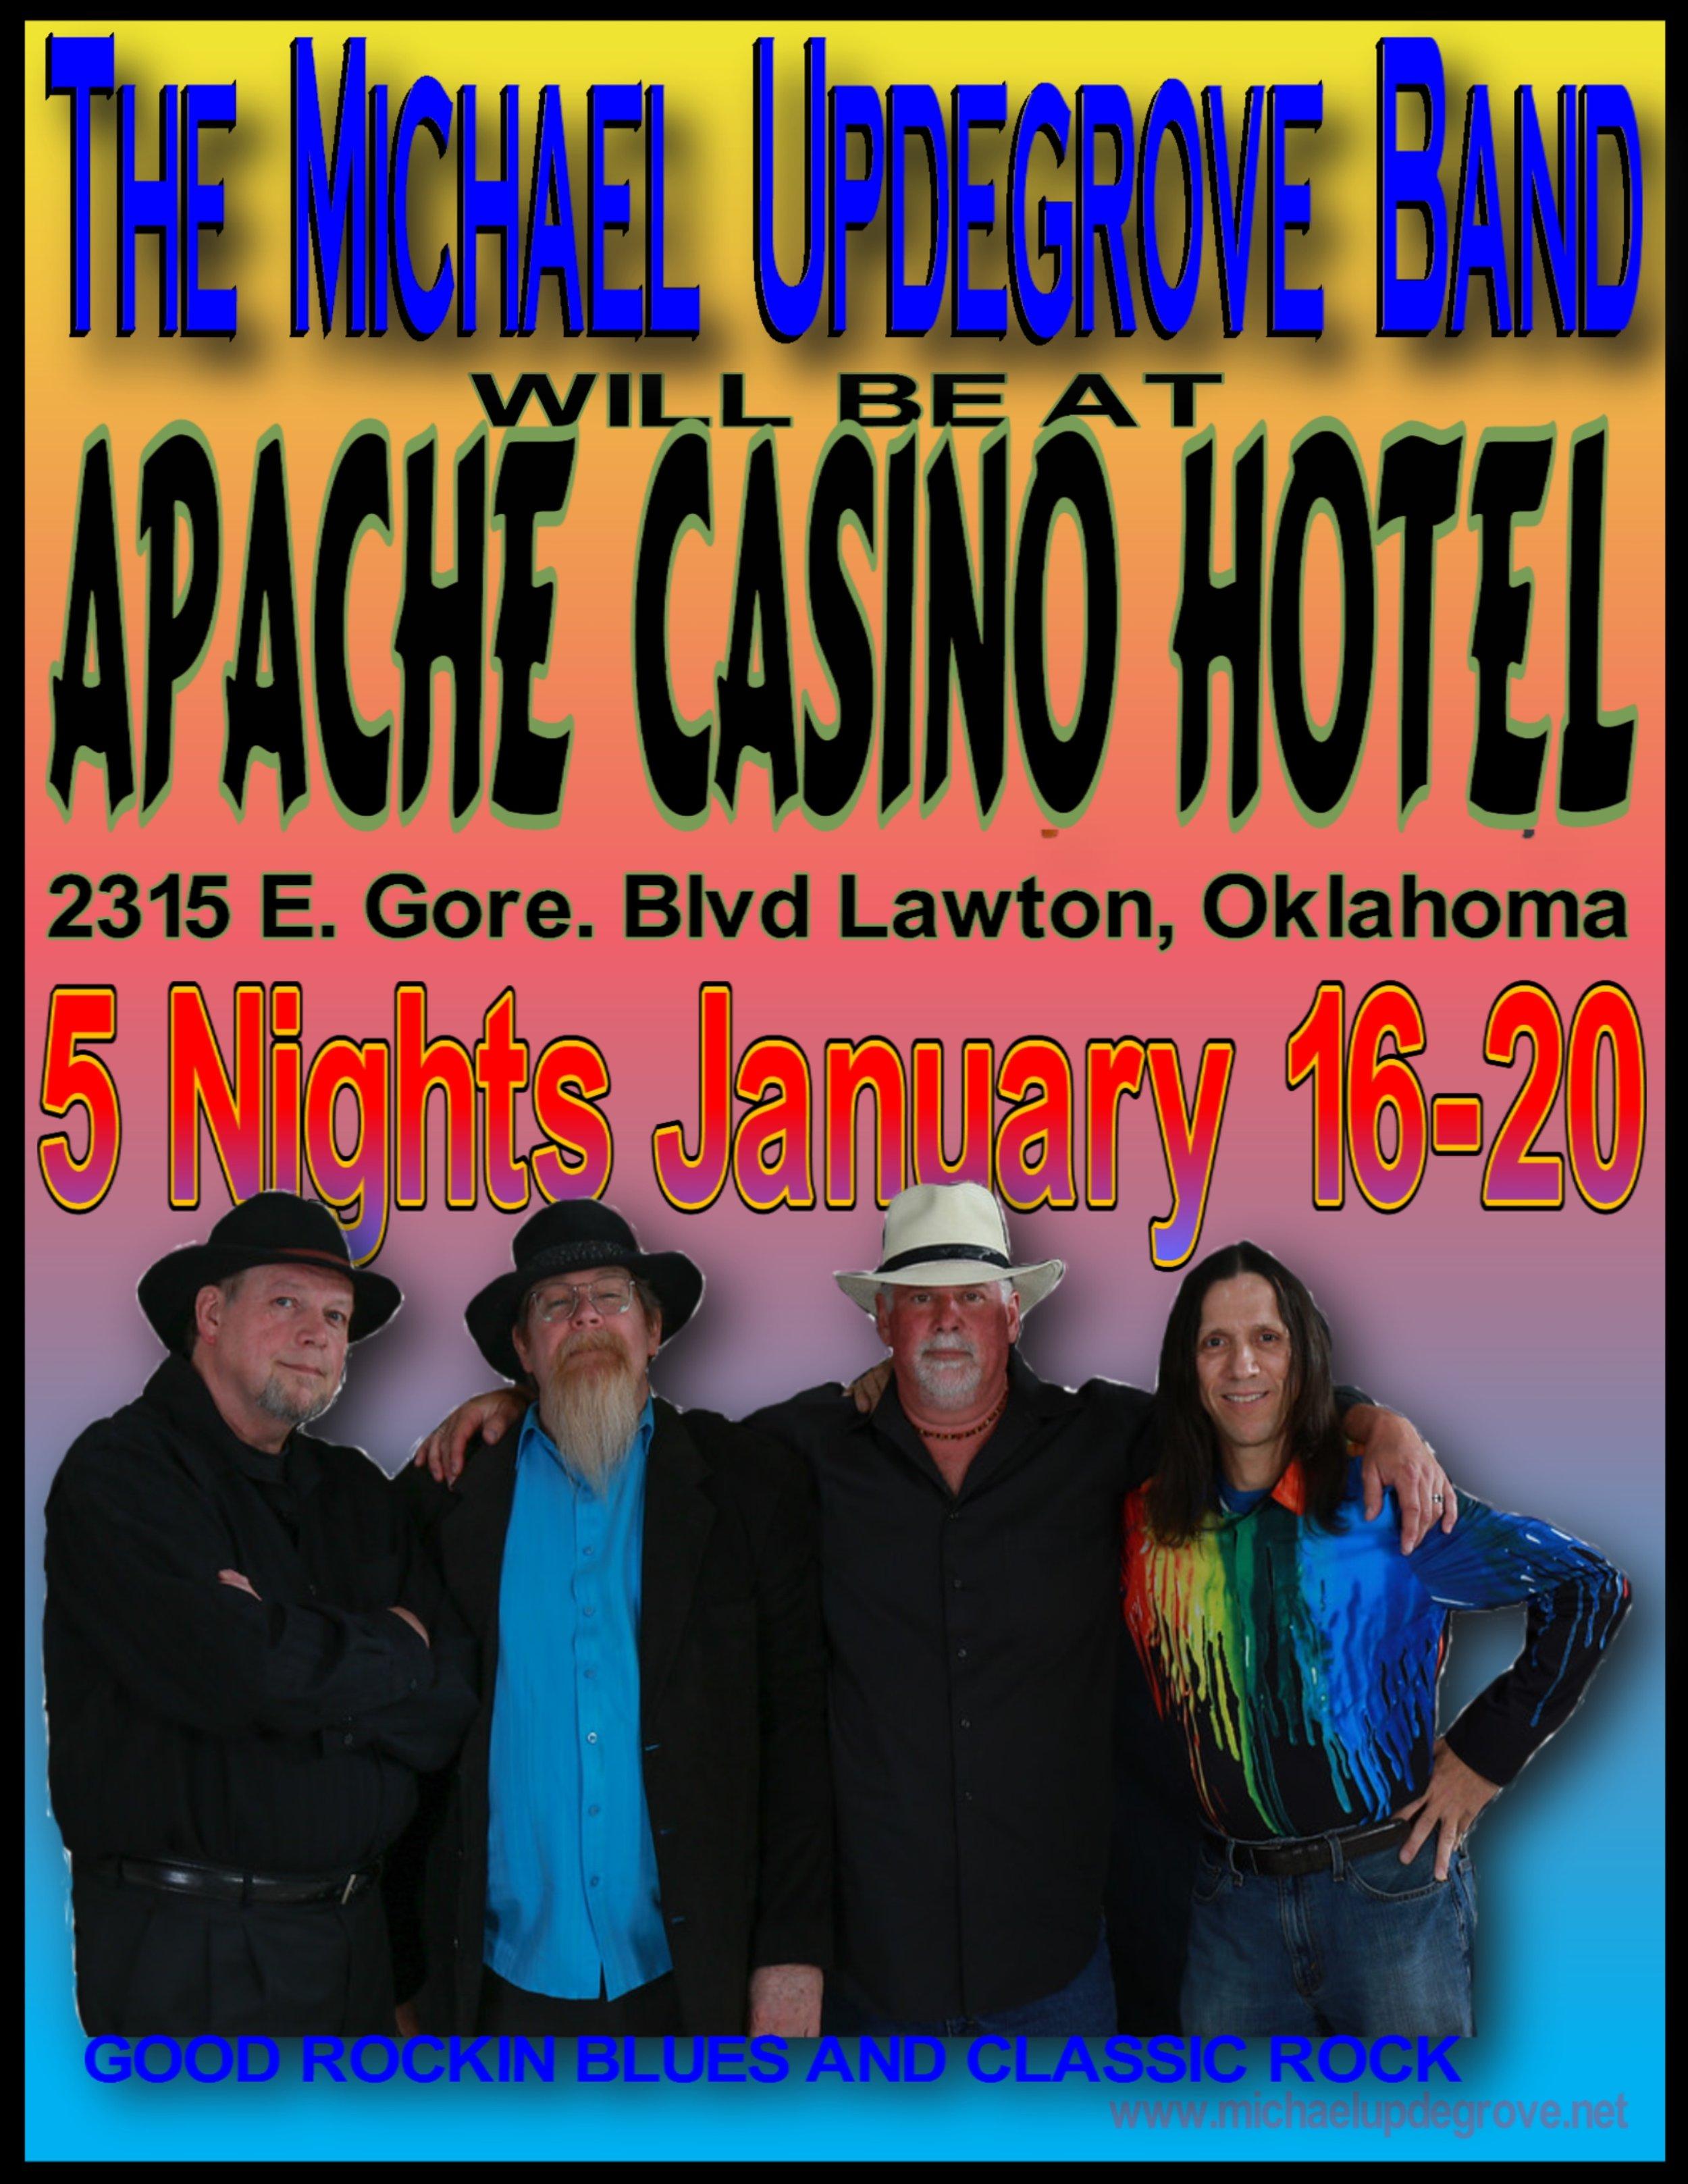 The Apache Casino January 2018.jpg